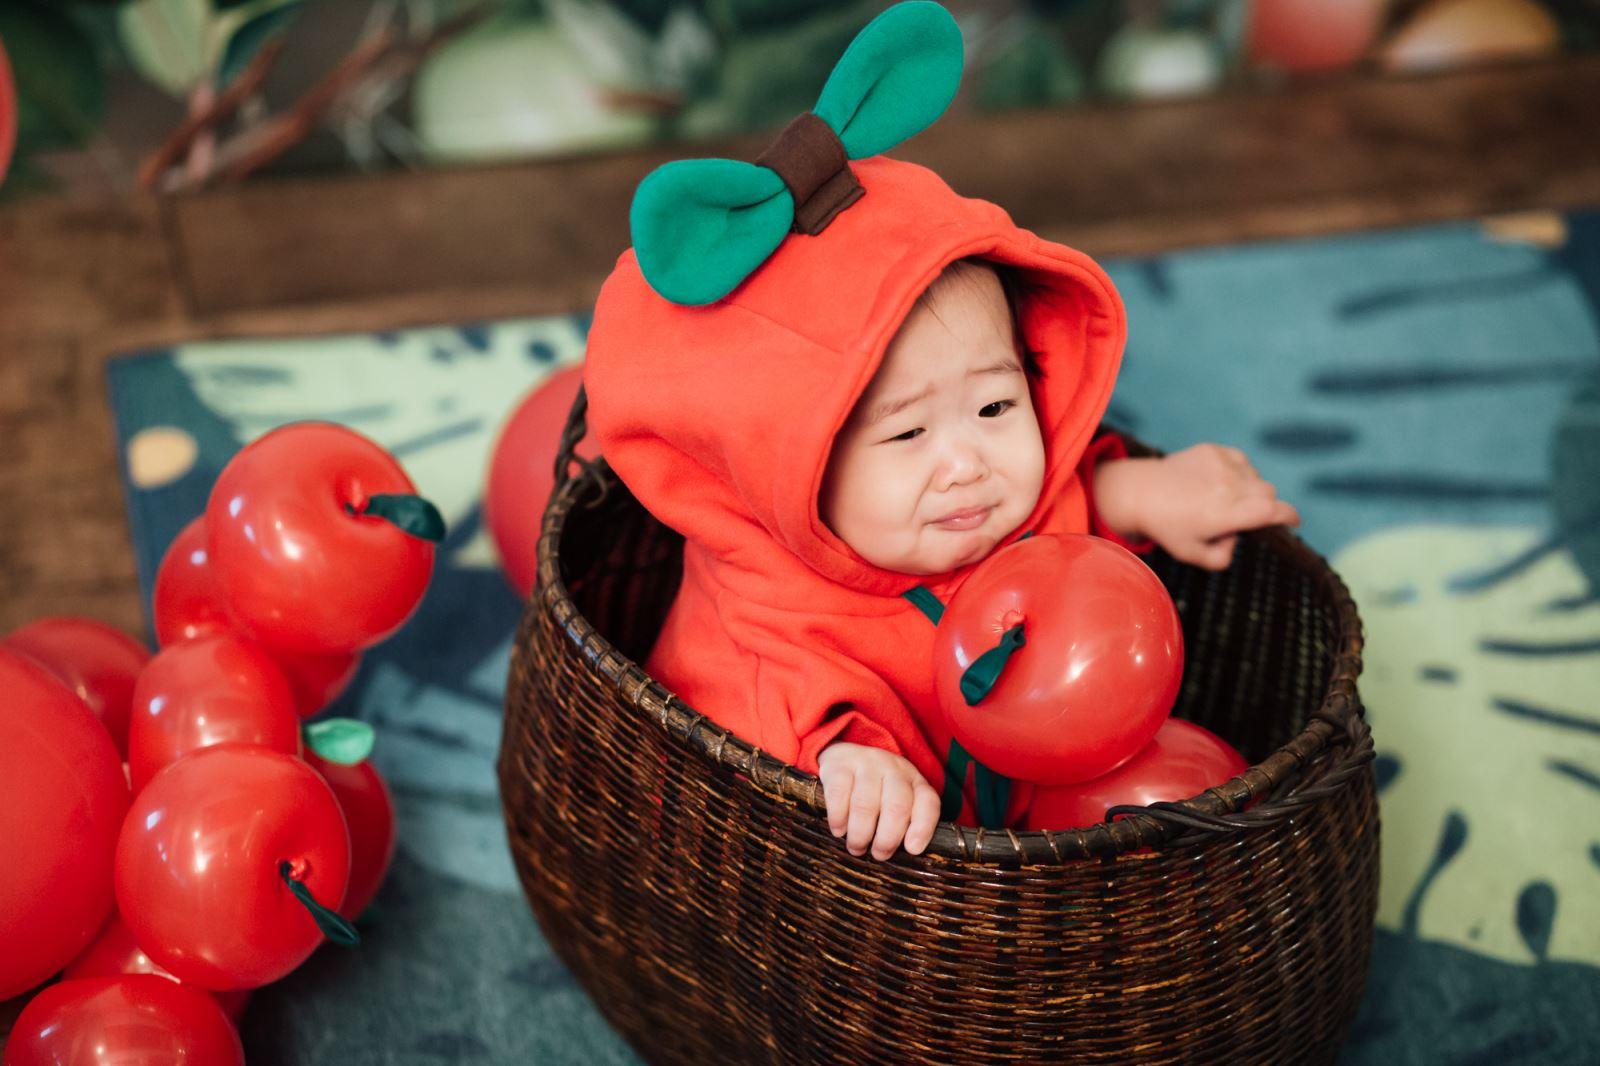 竹籃裡的蘋果寶寶